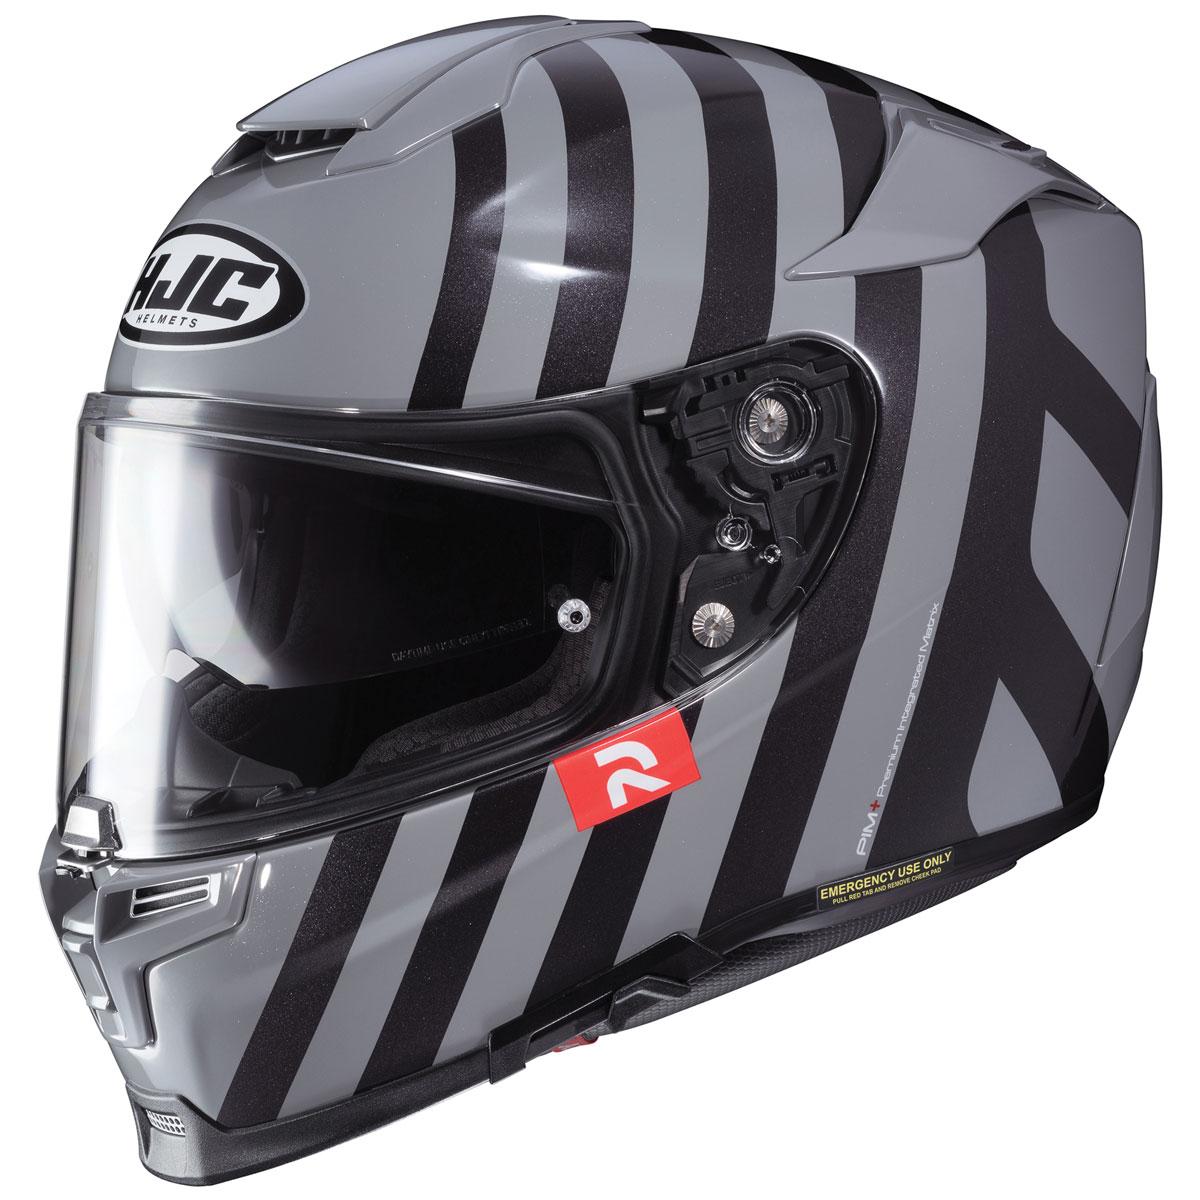 HJC RPHA 70 ST Forvic Full Face Helmet